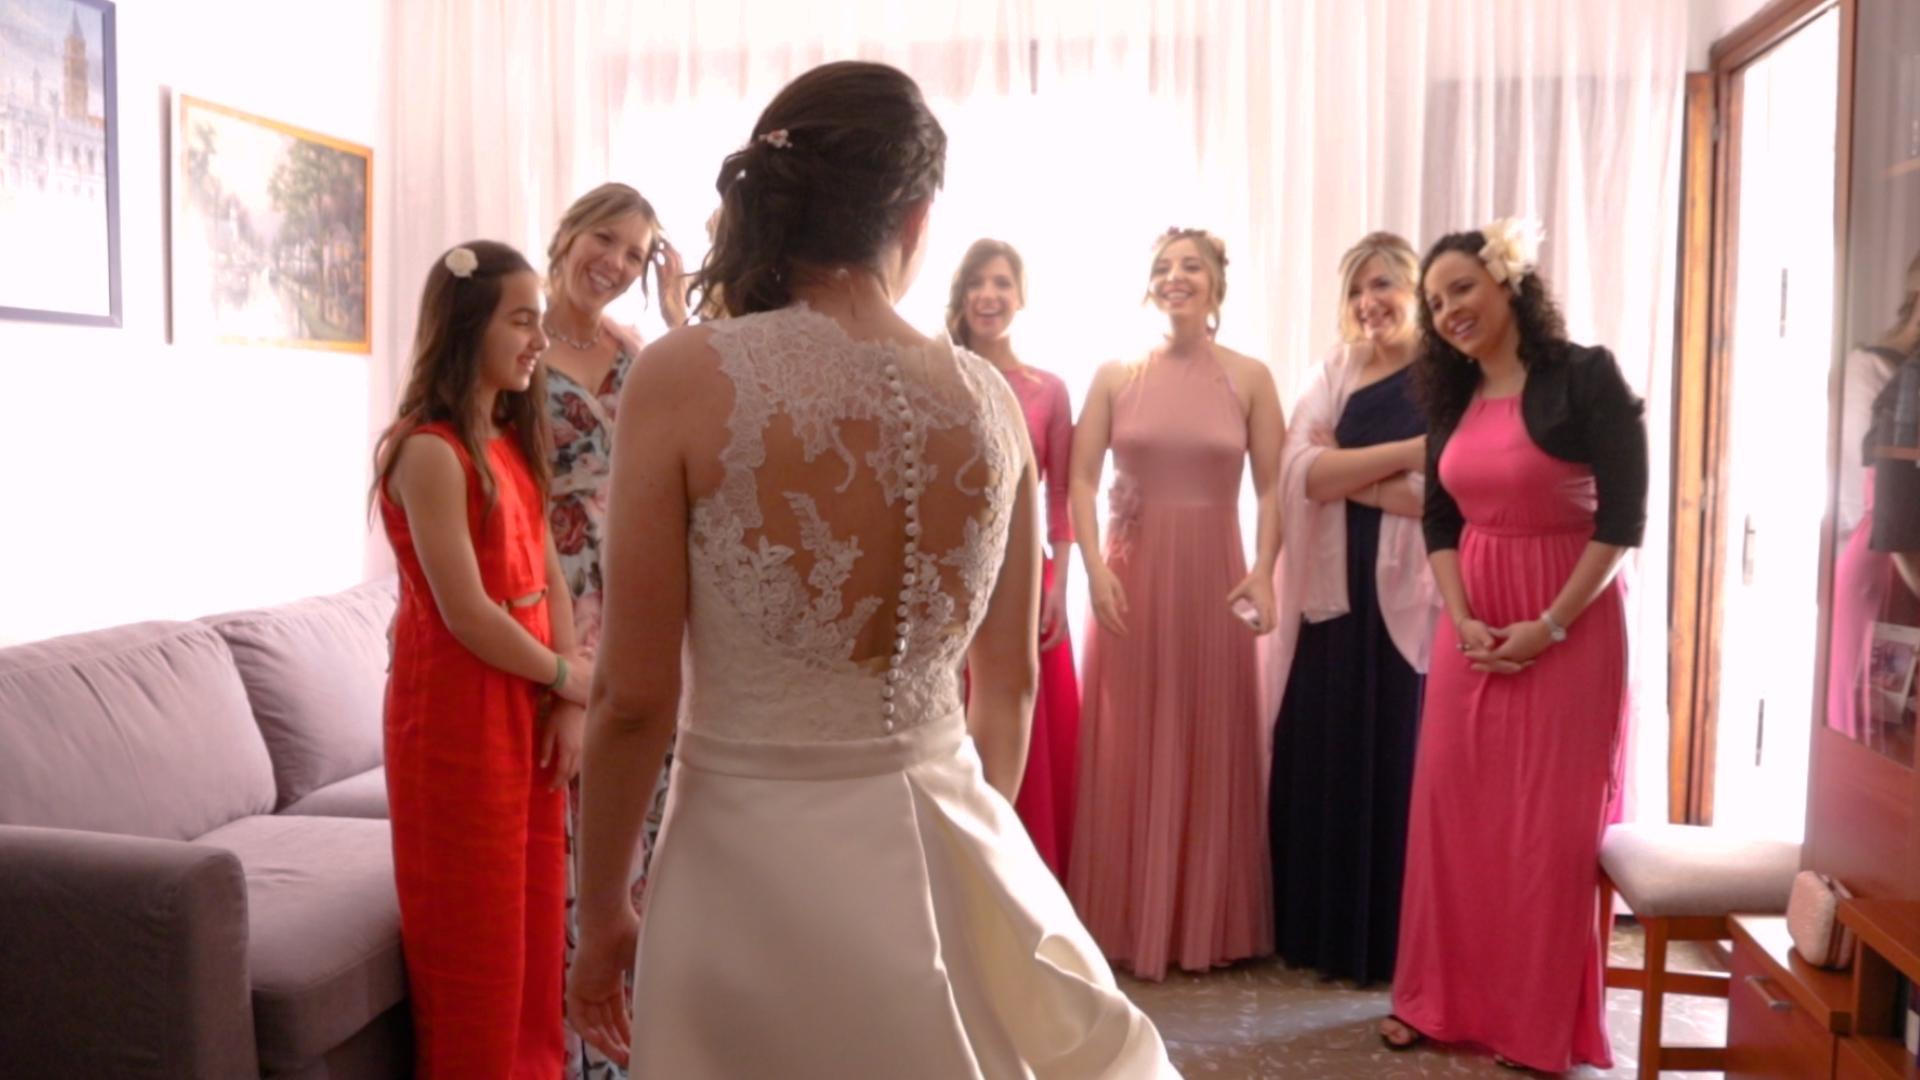 Boda en Castellón. Novia y amigas de la novia. Celebración en La Opera Benicassim